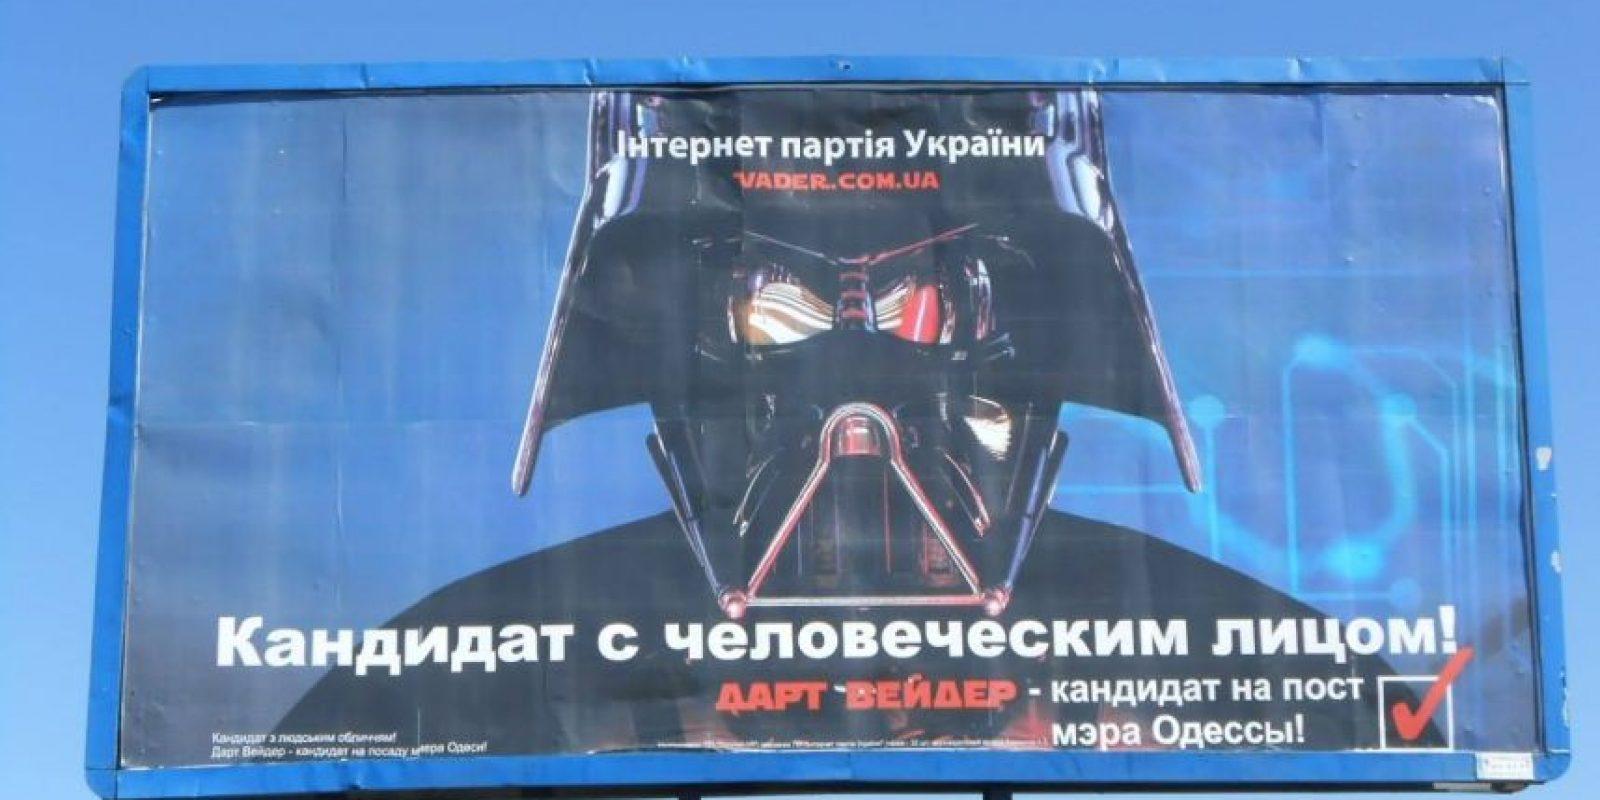 Elecciones de Ucrania Foto:Facebook Дарт Вейдер (Darth Vader)